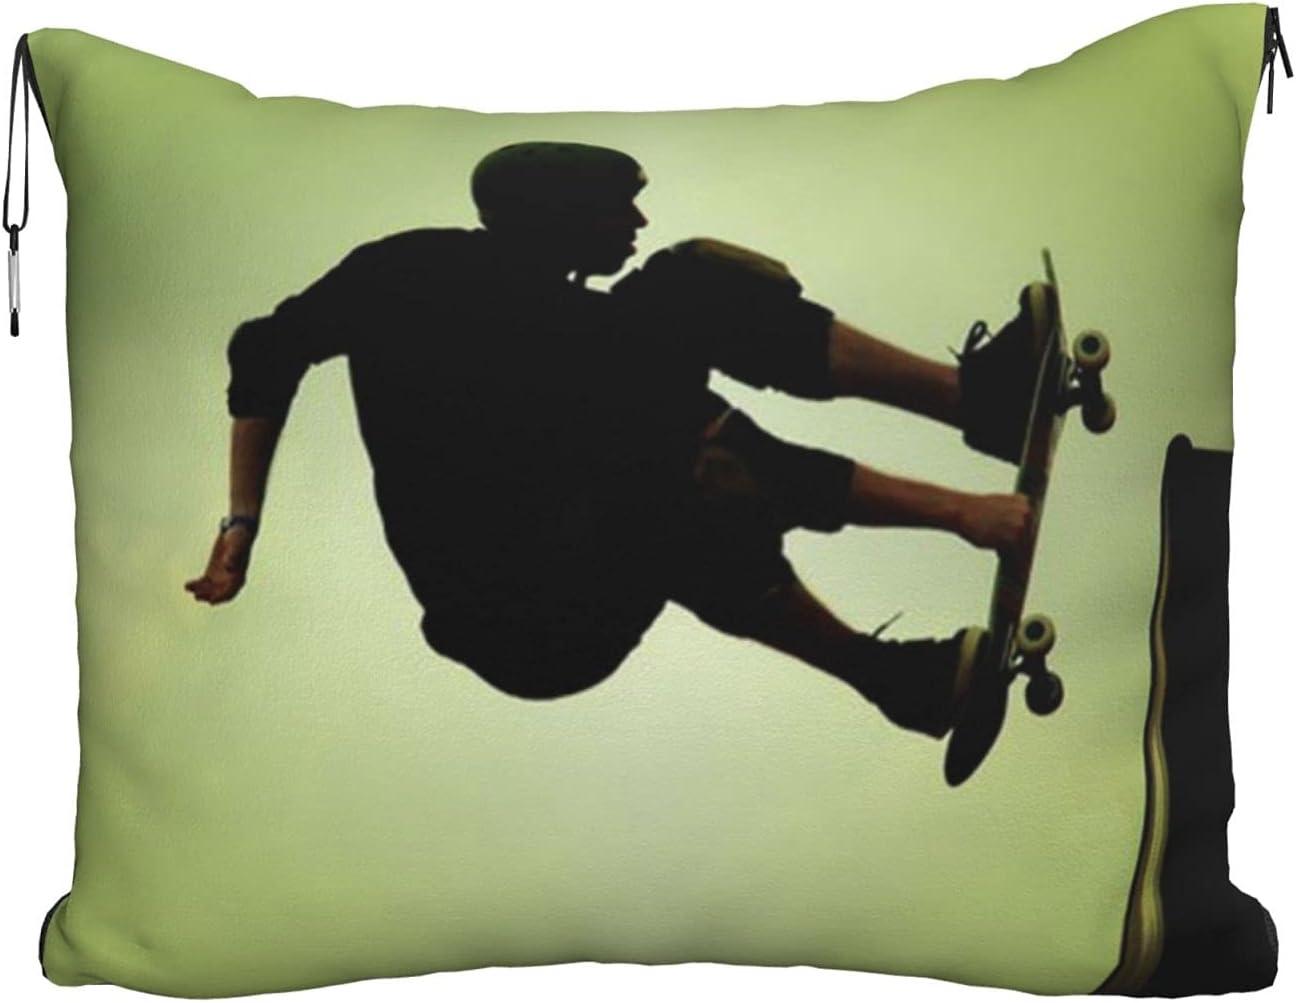 Mescchskskateboard Print Travel Pillow Blanket Max 63% OFF Combo Pill Max 71% OFF